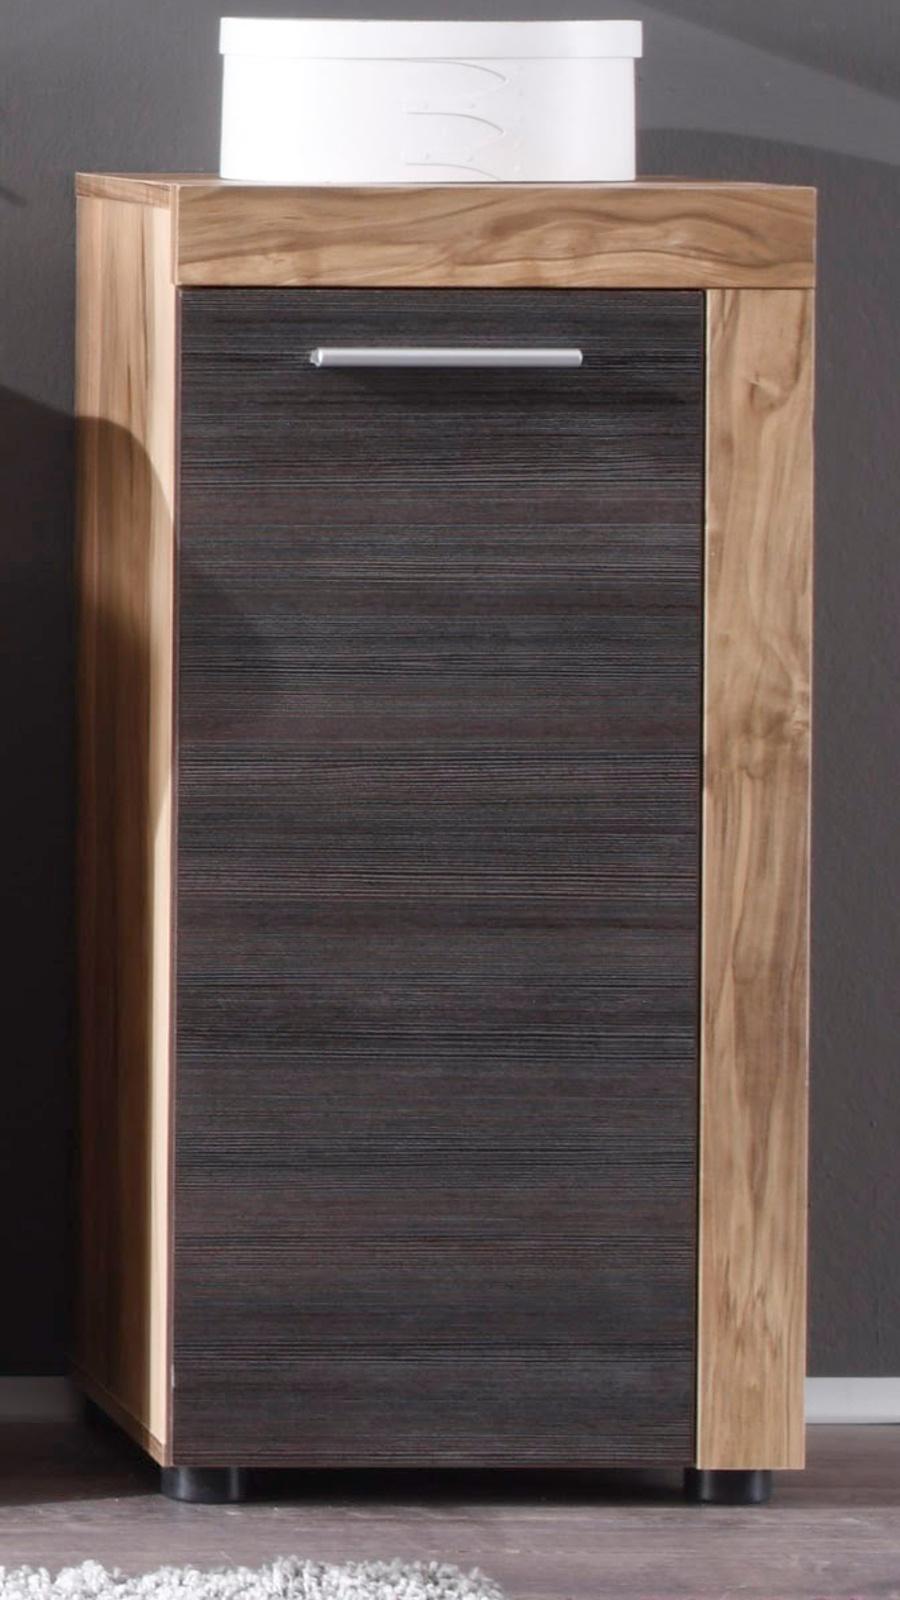 Waschbeckenunterschrank Weiß Gunstig : Badezimmer Unterschrank Günstig  Jtleighcom  Hausgestaltung Ideen